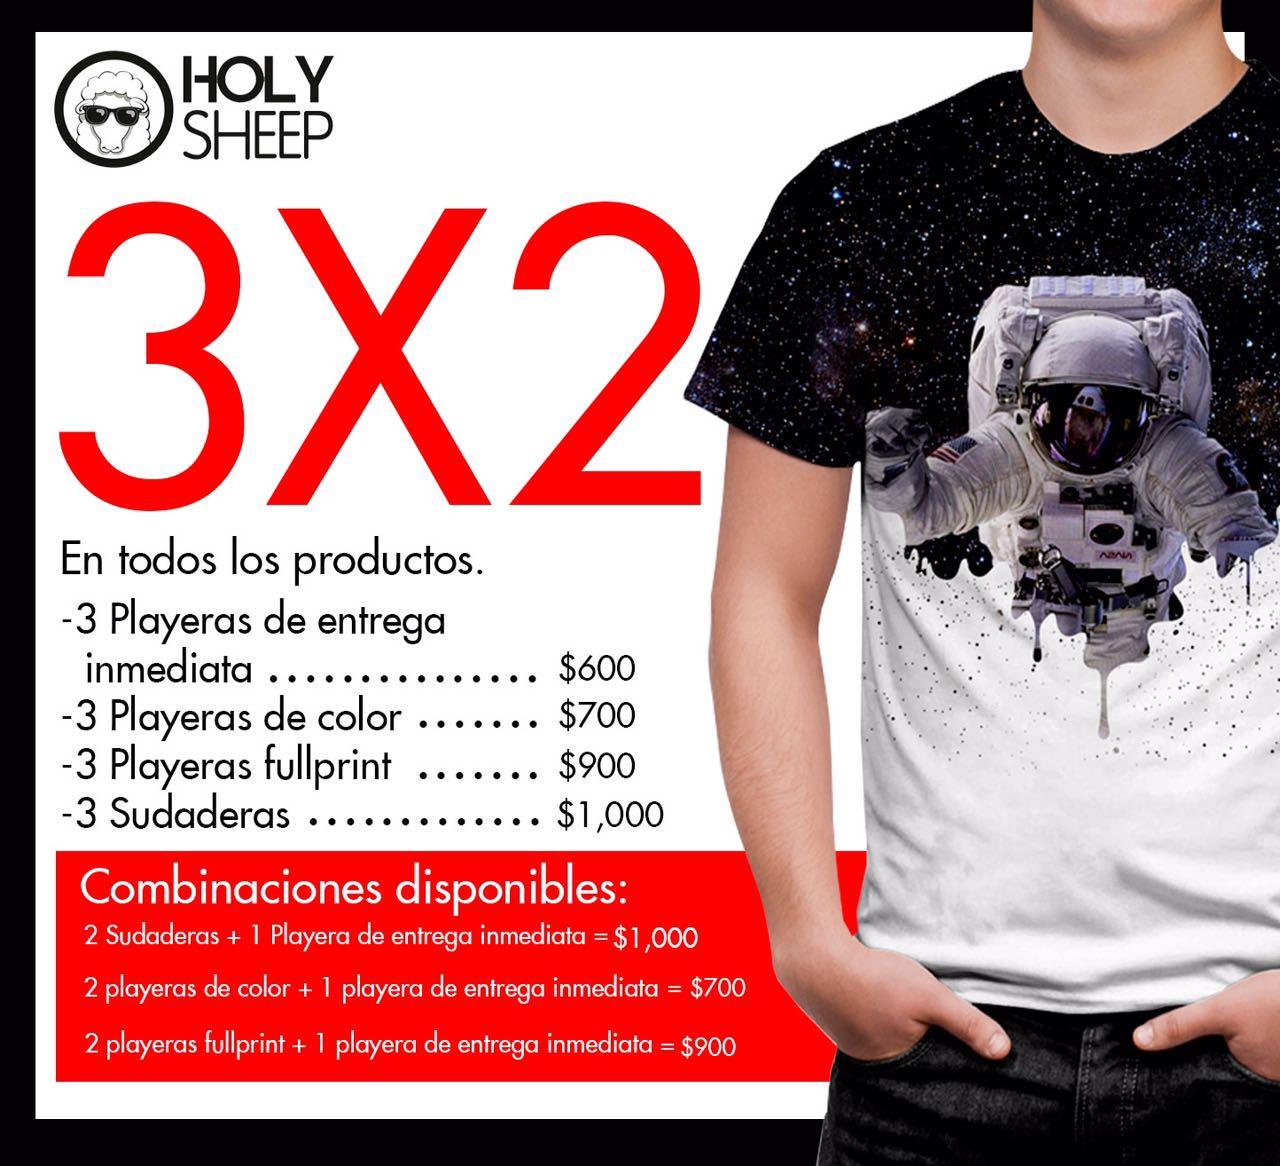 Holy Sheep Polanco: 3x2 en productos